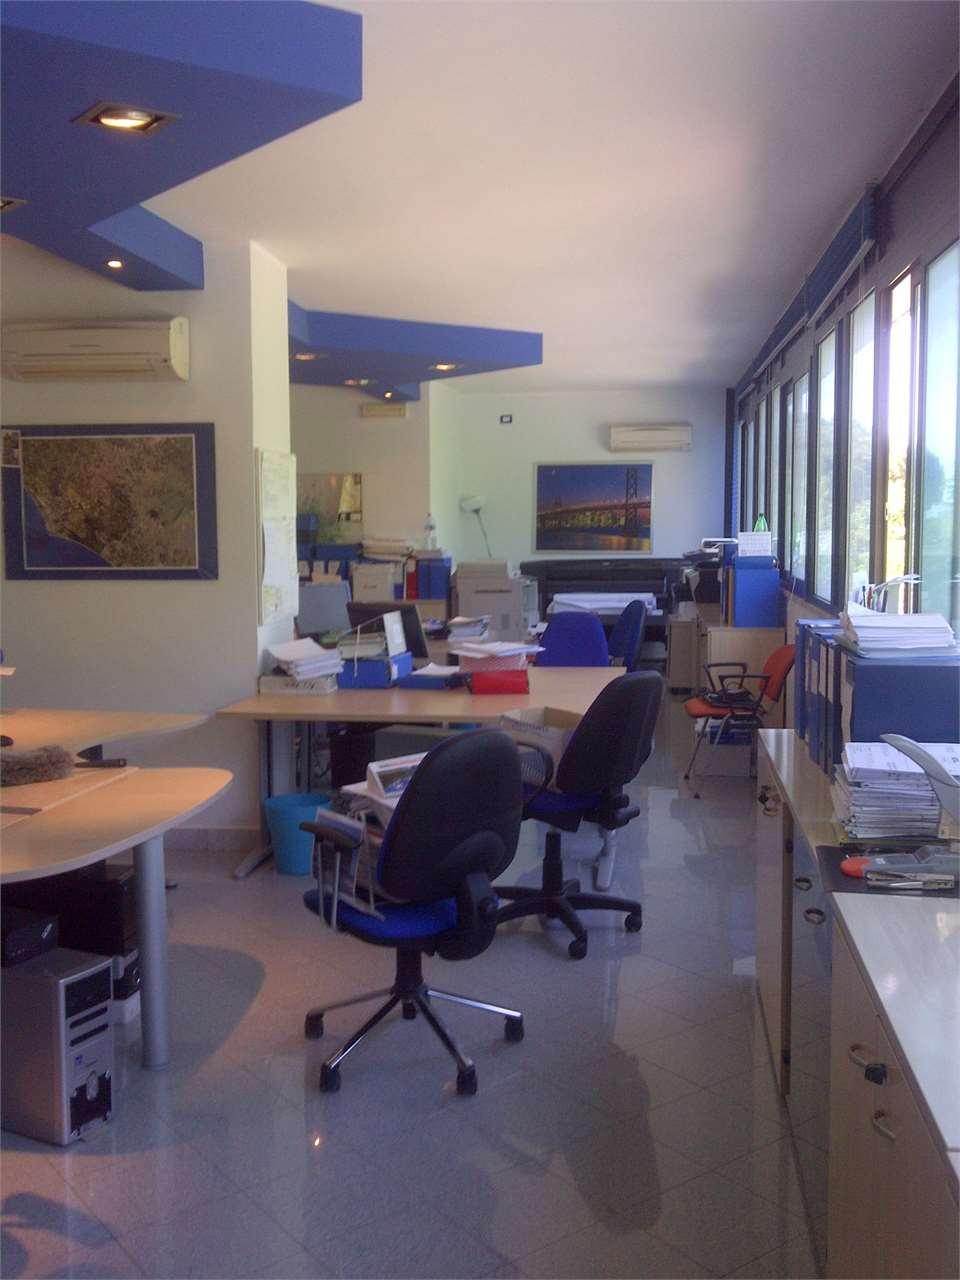 Ufficio / Studio in affitto a Genzano di Roma, 95 locali, zona Località: Tangenziale, prezzo € 3.000 | CambioCasa.it